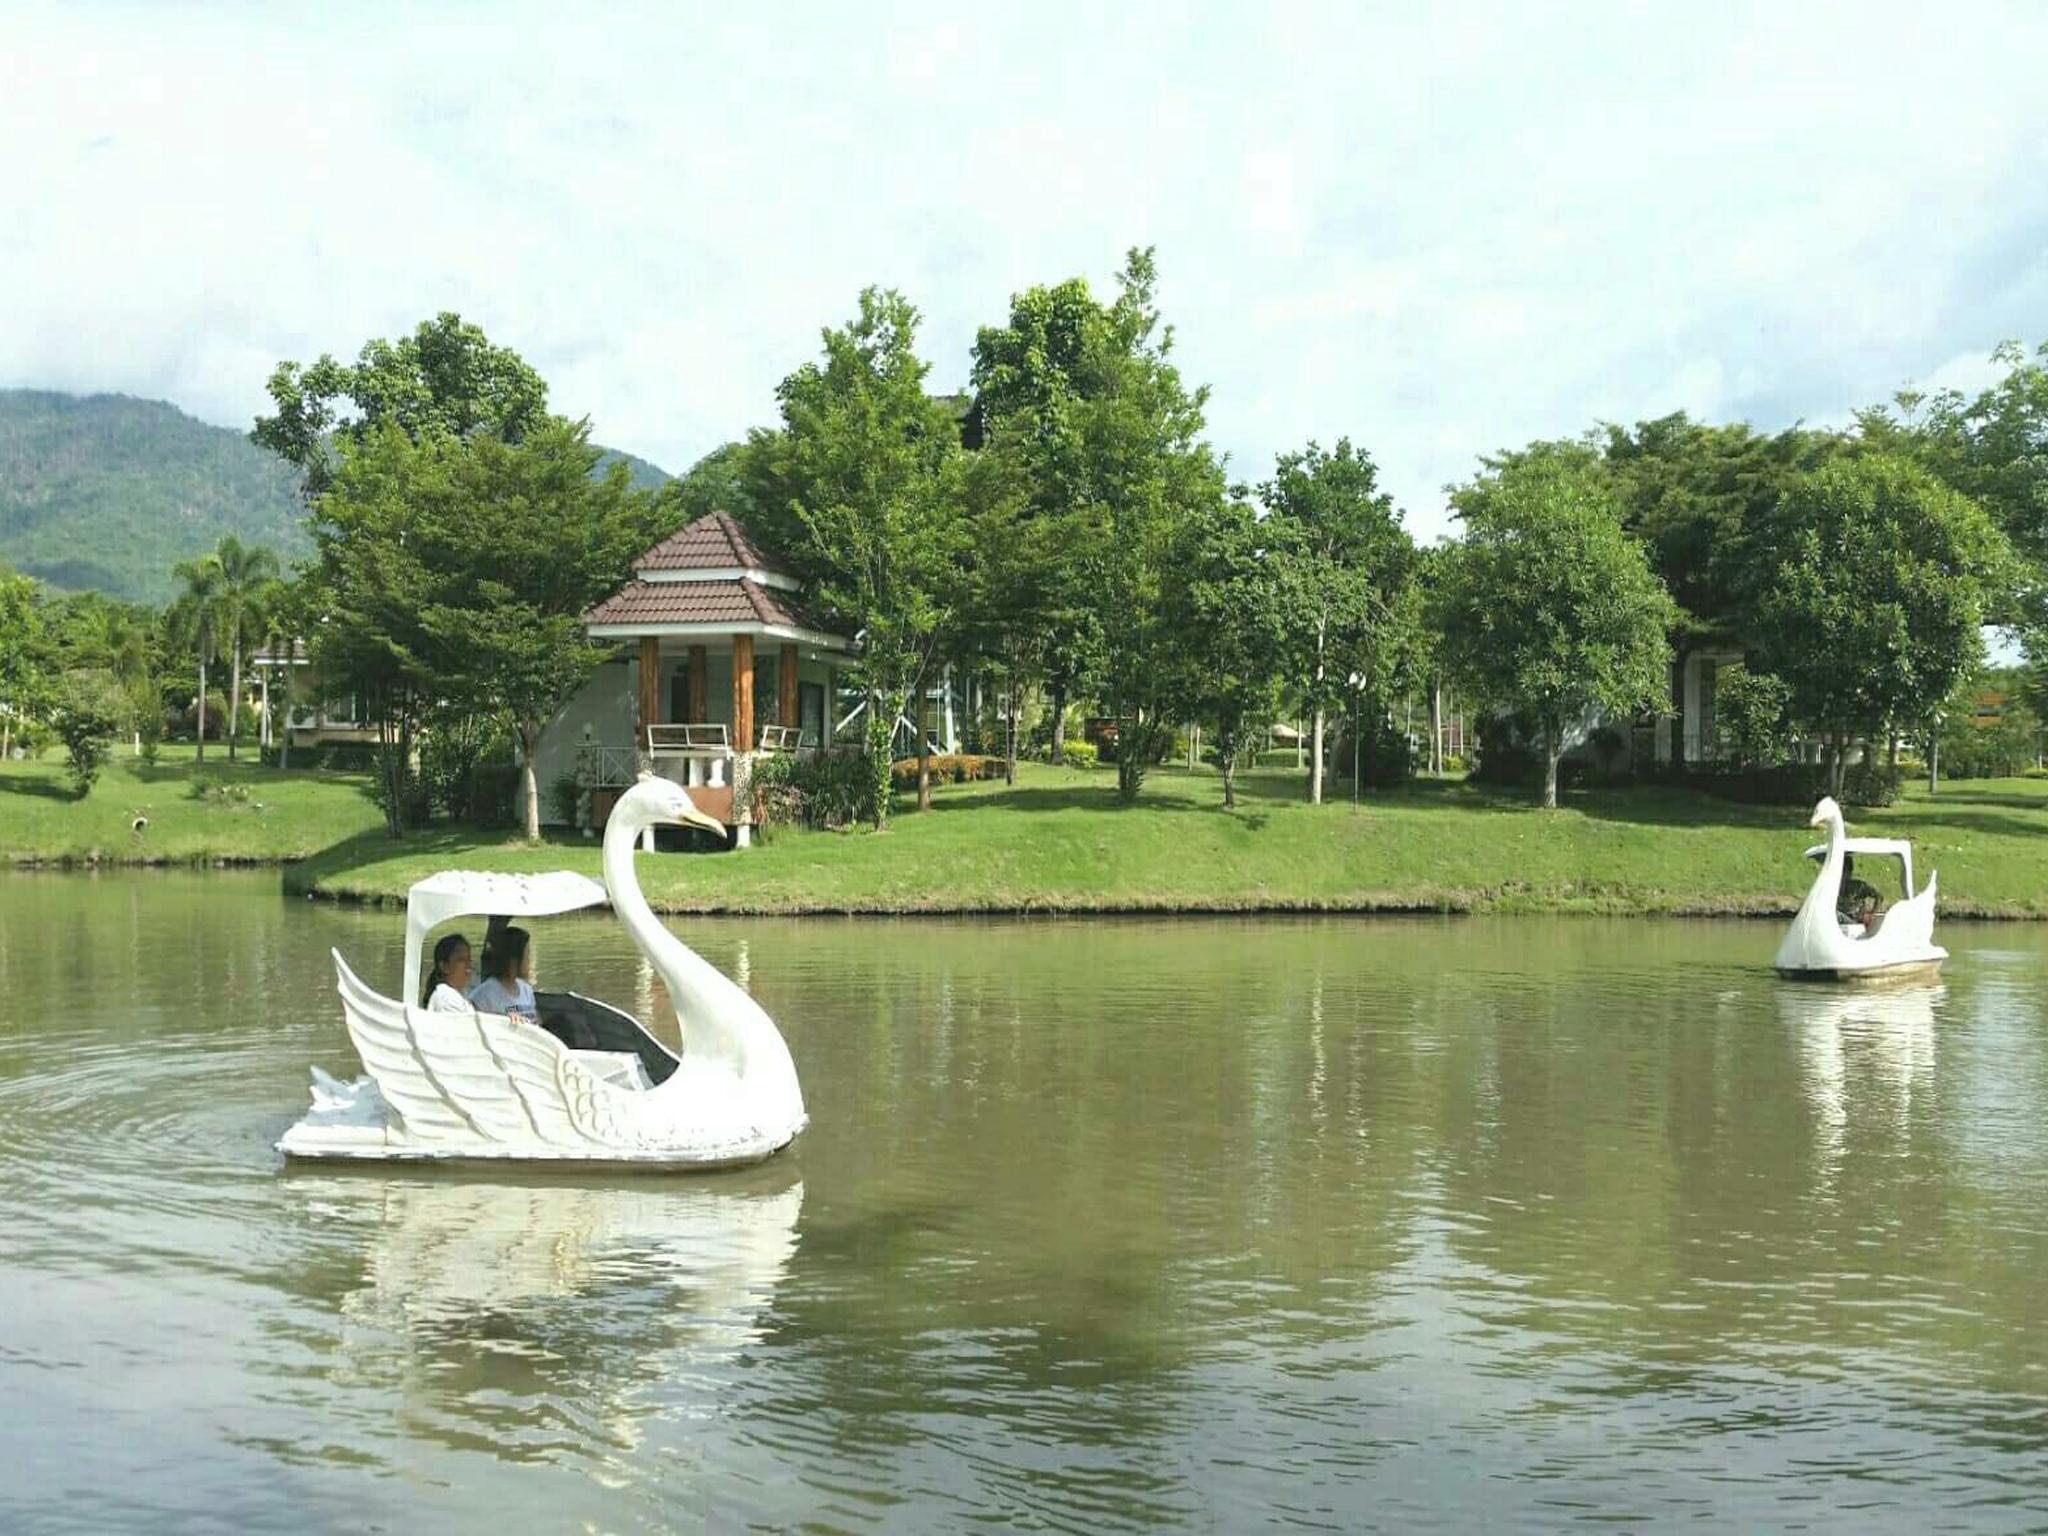 Tanaosri And Creekside Resort